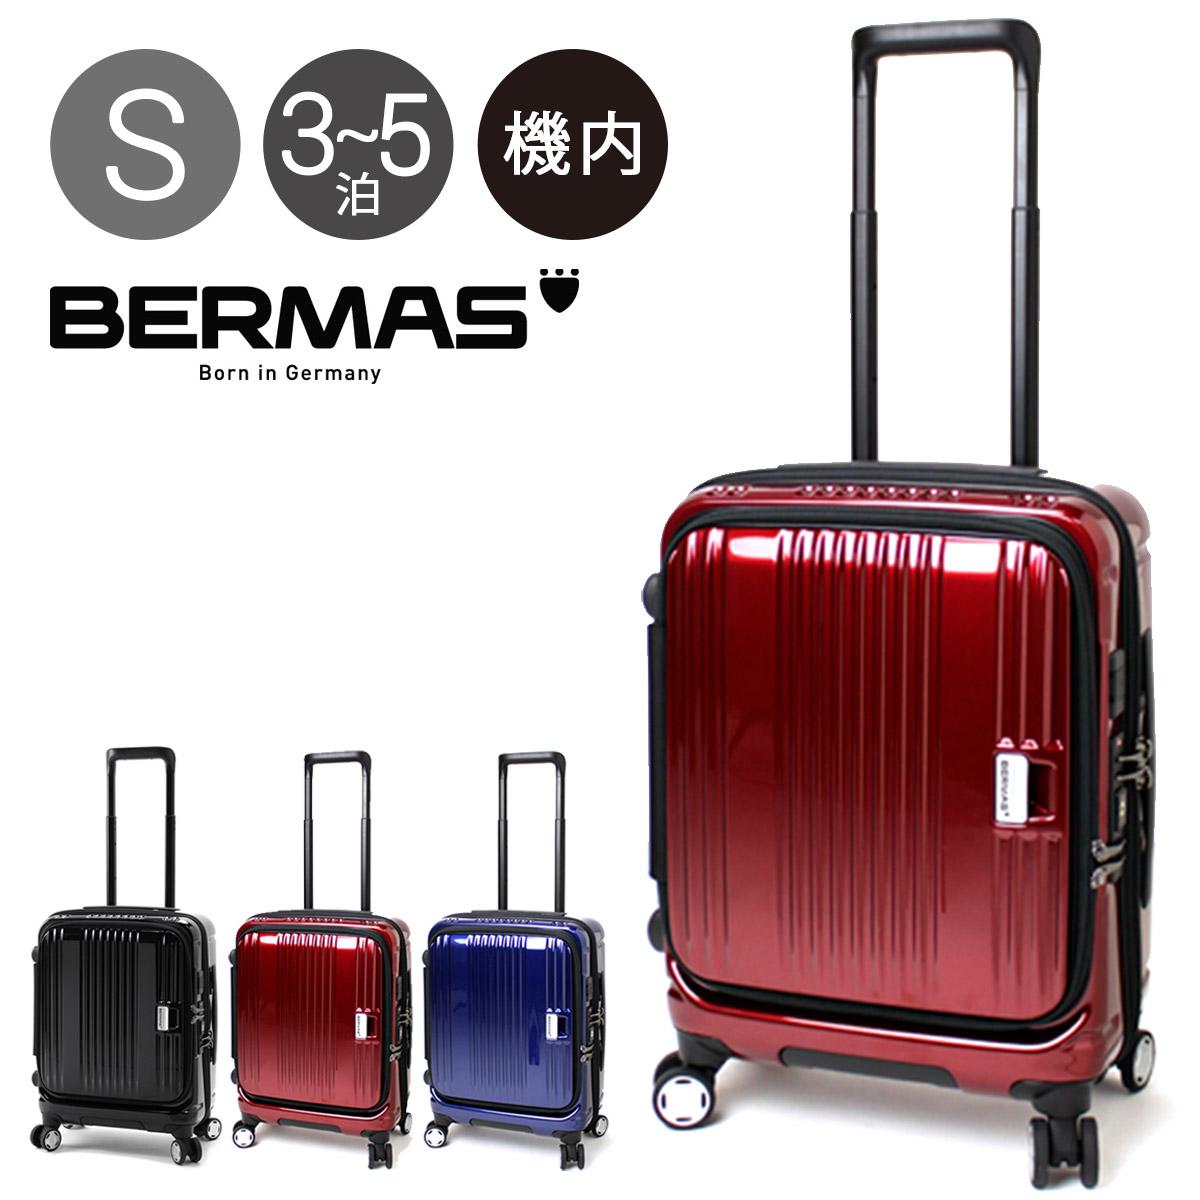 バーマス スーツケース ユーロシティ|機内持ち込み 38L 46cm 2.8kg 60290|フロントオープン 1年保証 ハード フレーム TSAロック搭載 HINOMOTO キャリーバッグ ビジネスキャリー [PO10][bef]